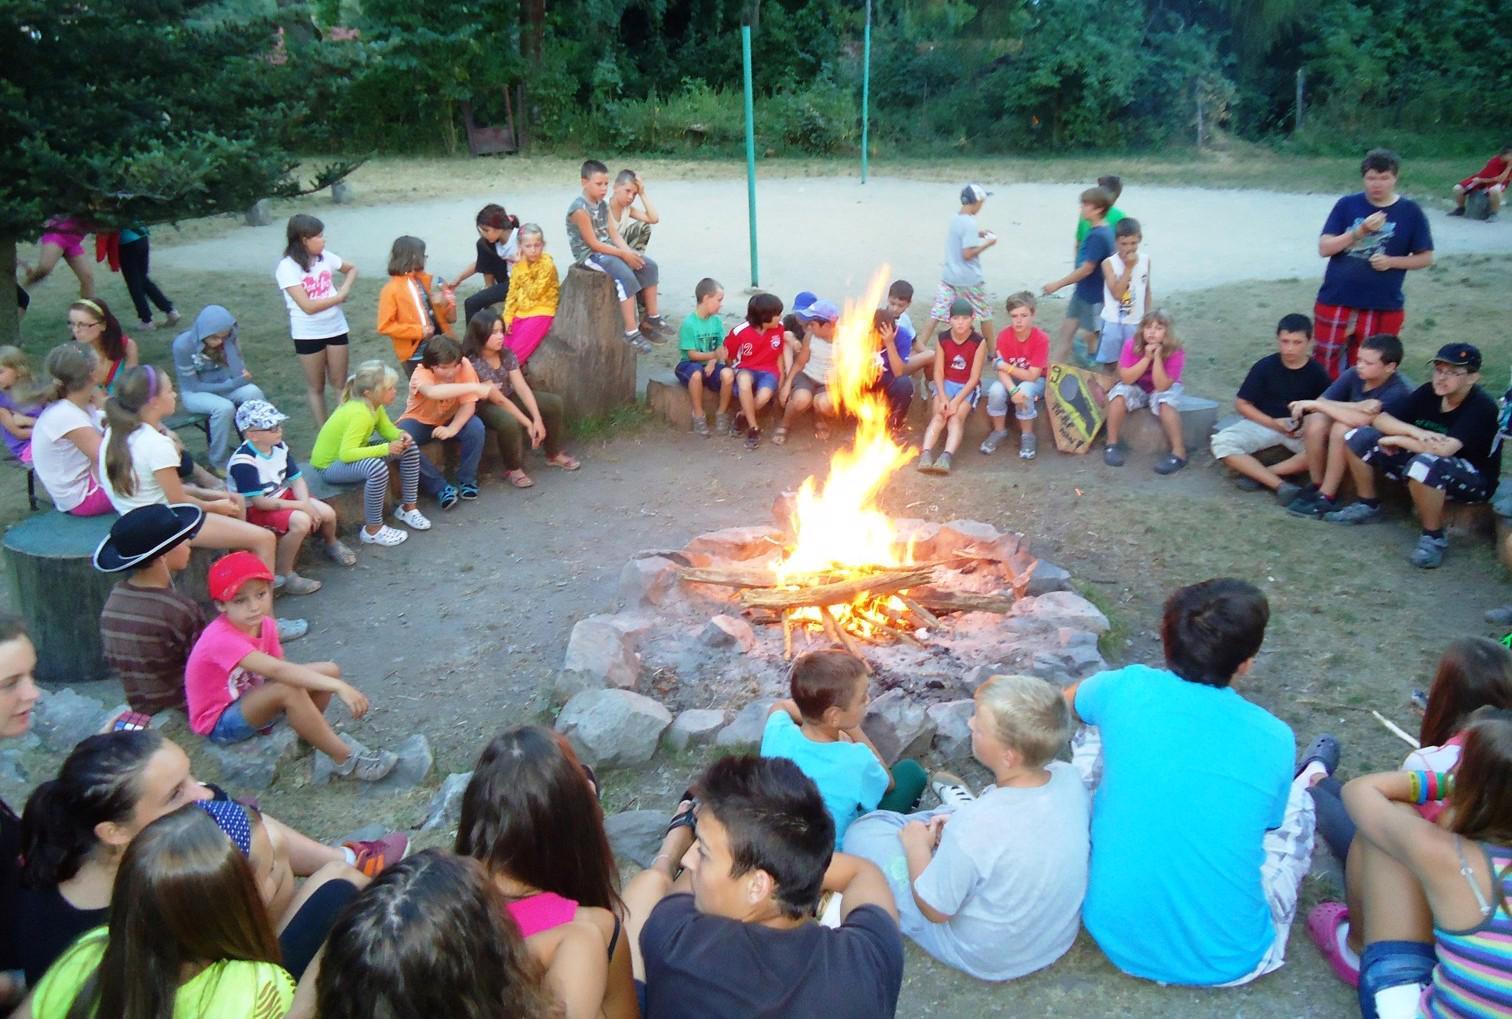 Hledáme praktikanty/oddílové vedoucí na letní tábor na Lipně - foto 1